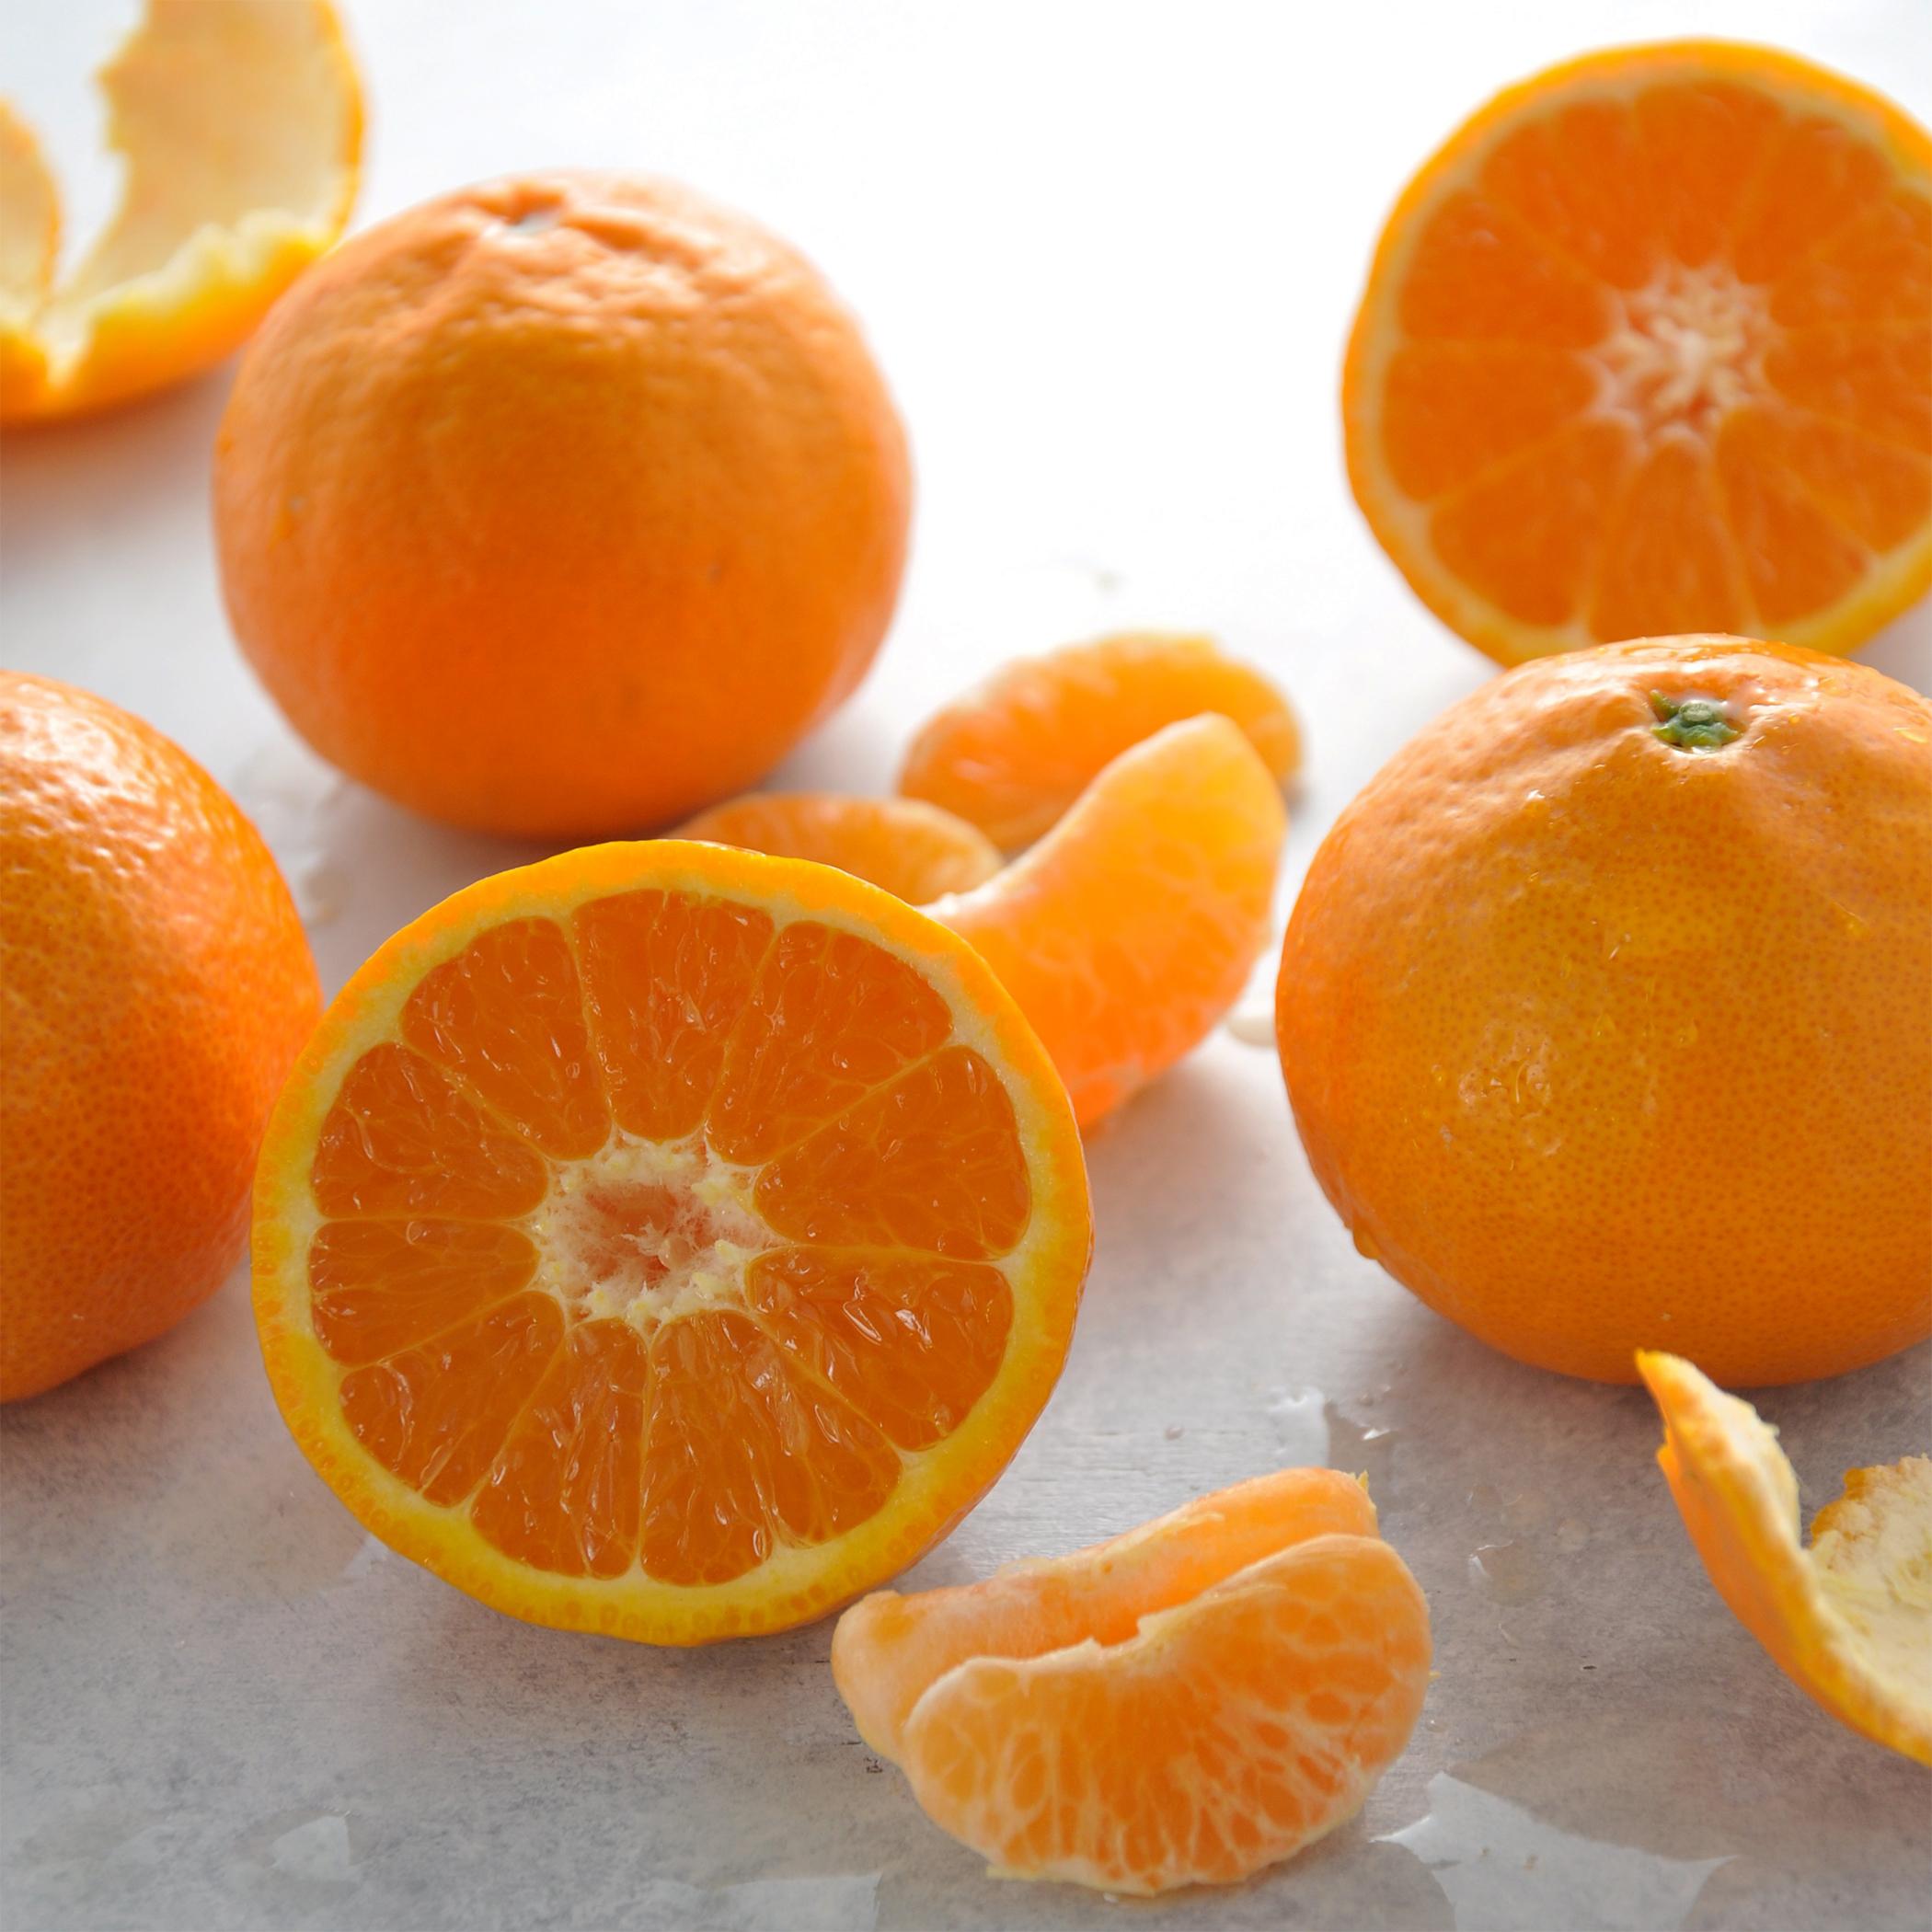 奥杰皮克西橘子|见农夫